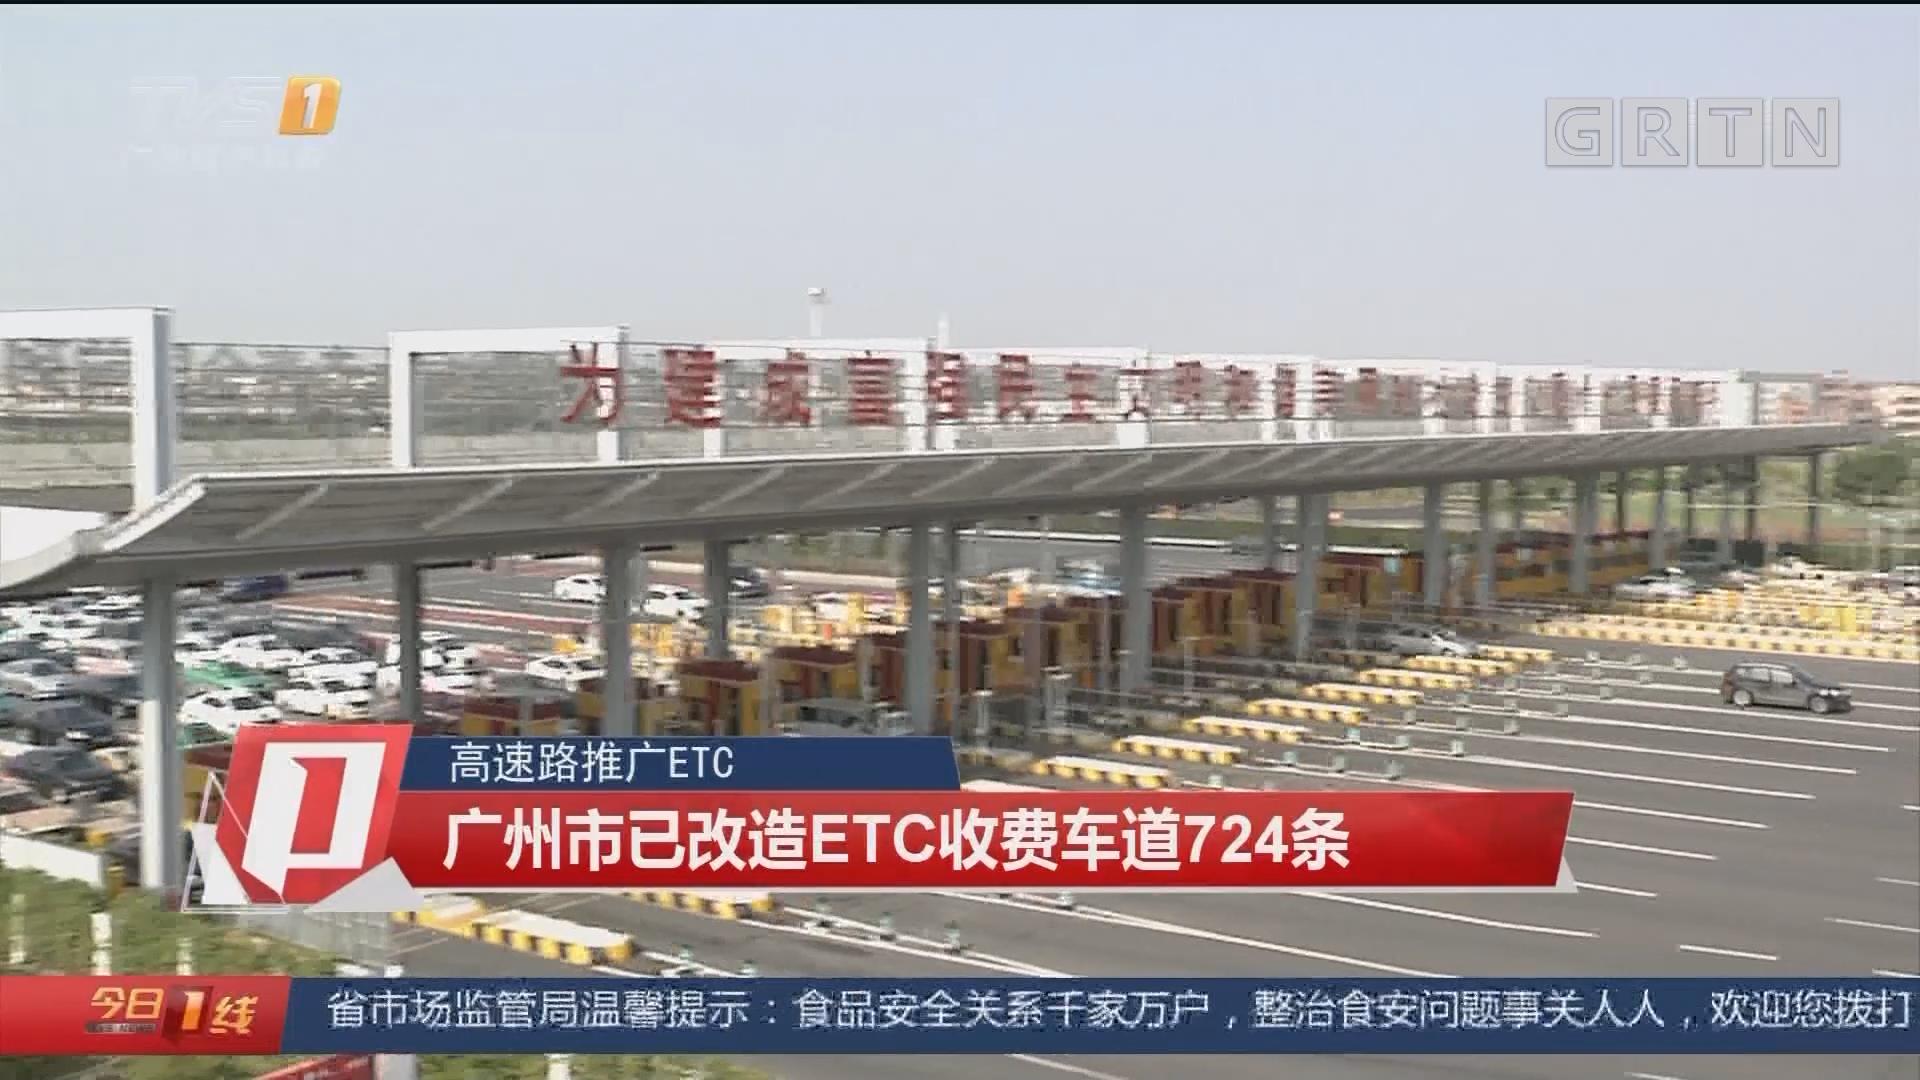 高速路推广ETC 广州市已改造ETC收费车道724条